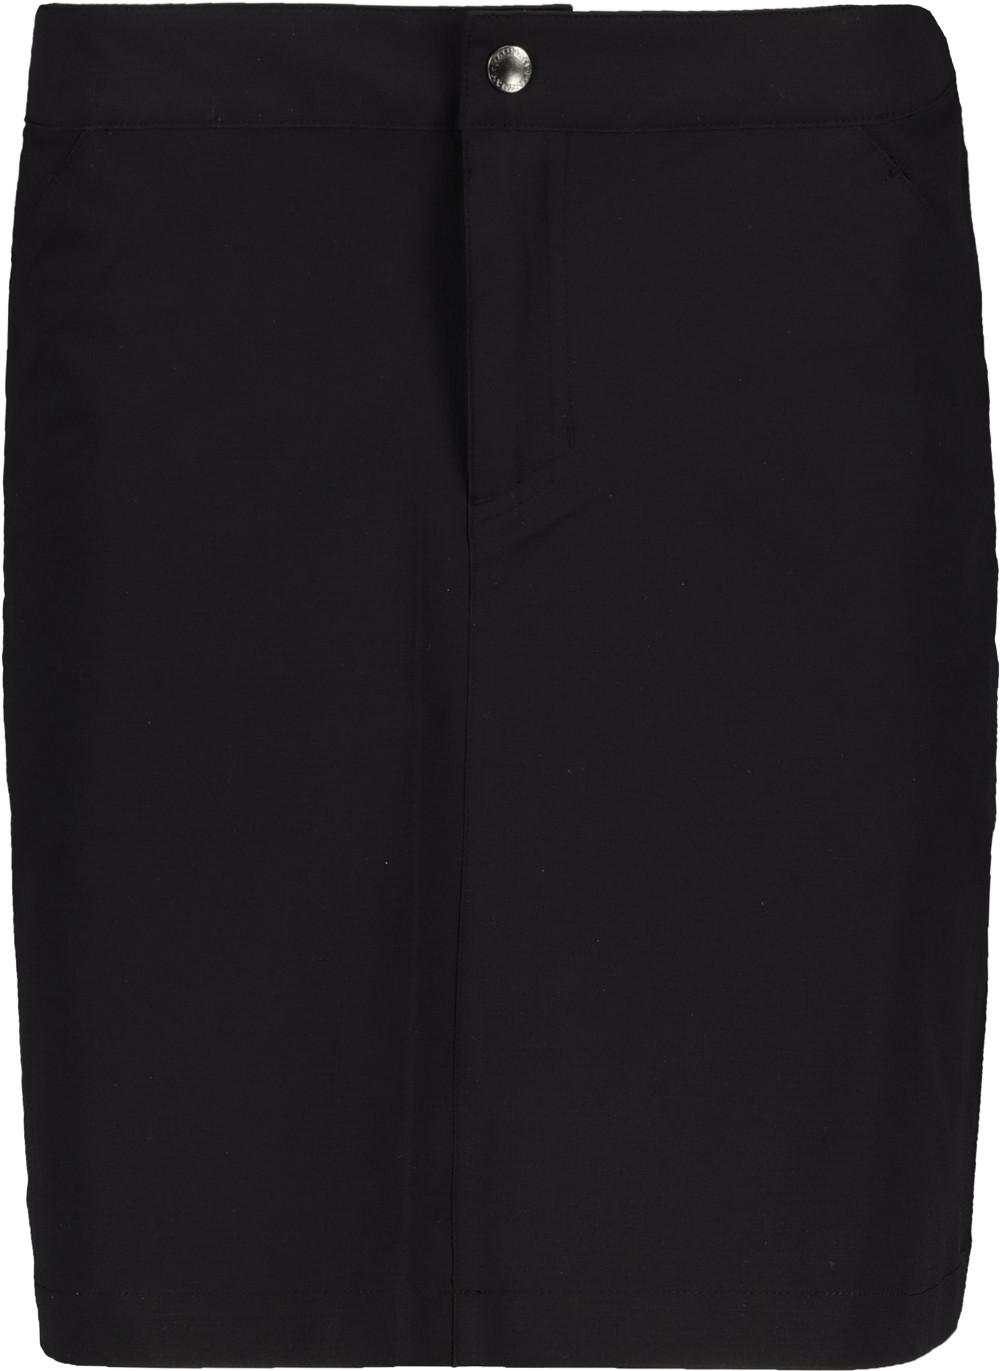 Women's skirt HANNAH Tris